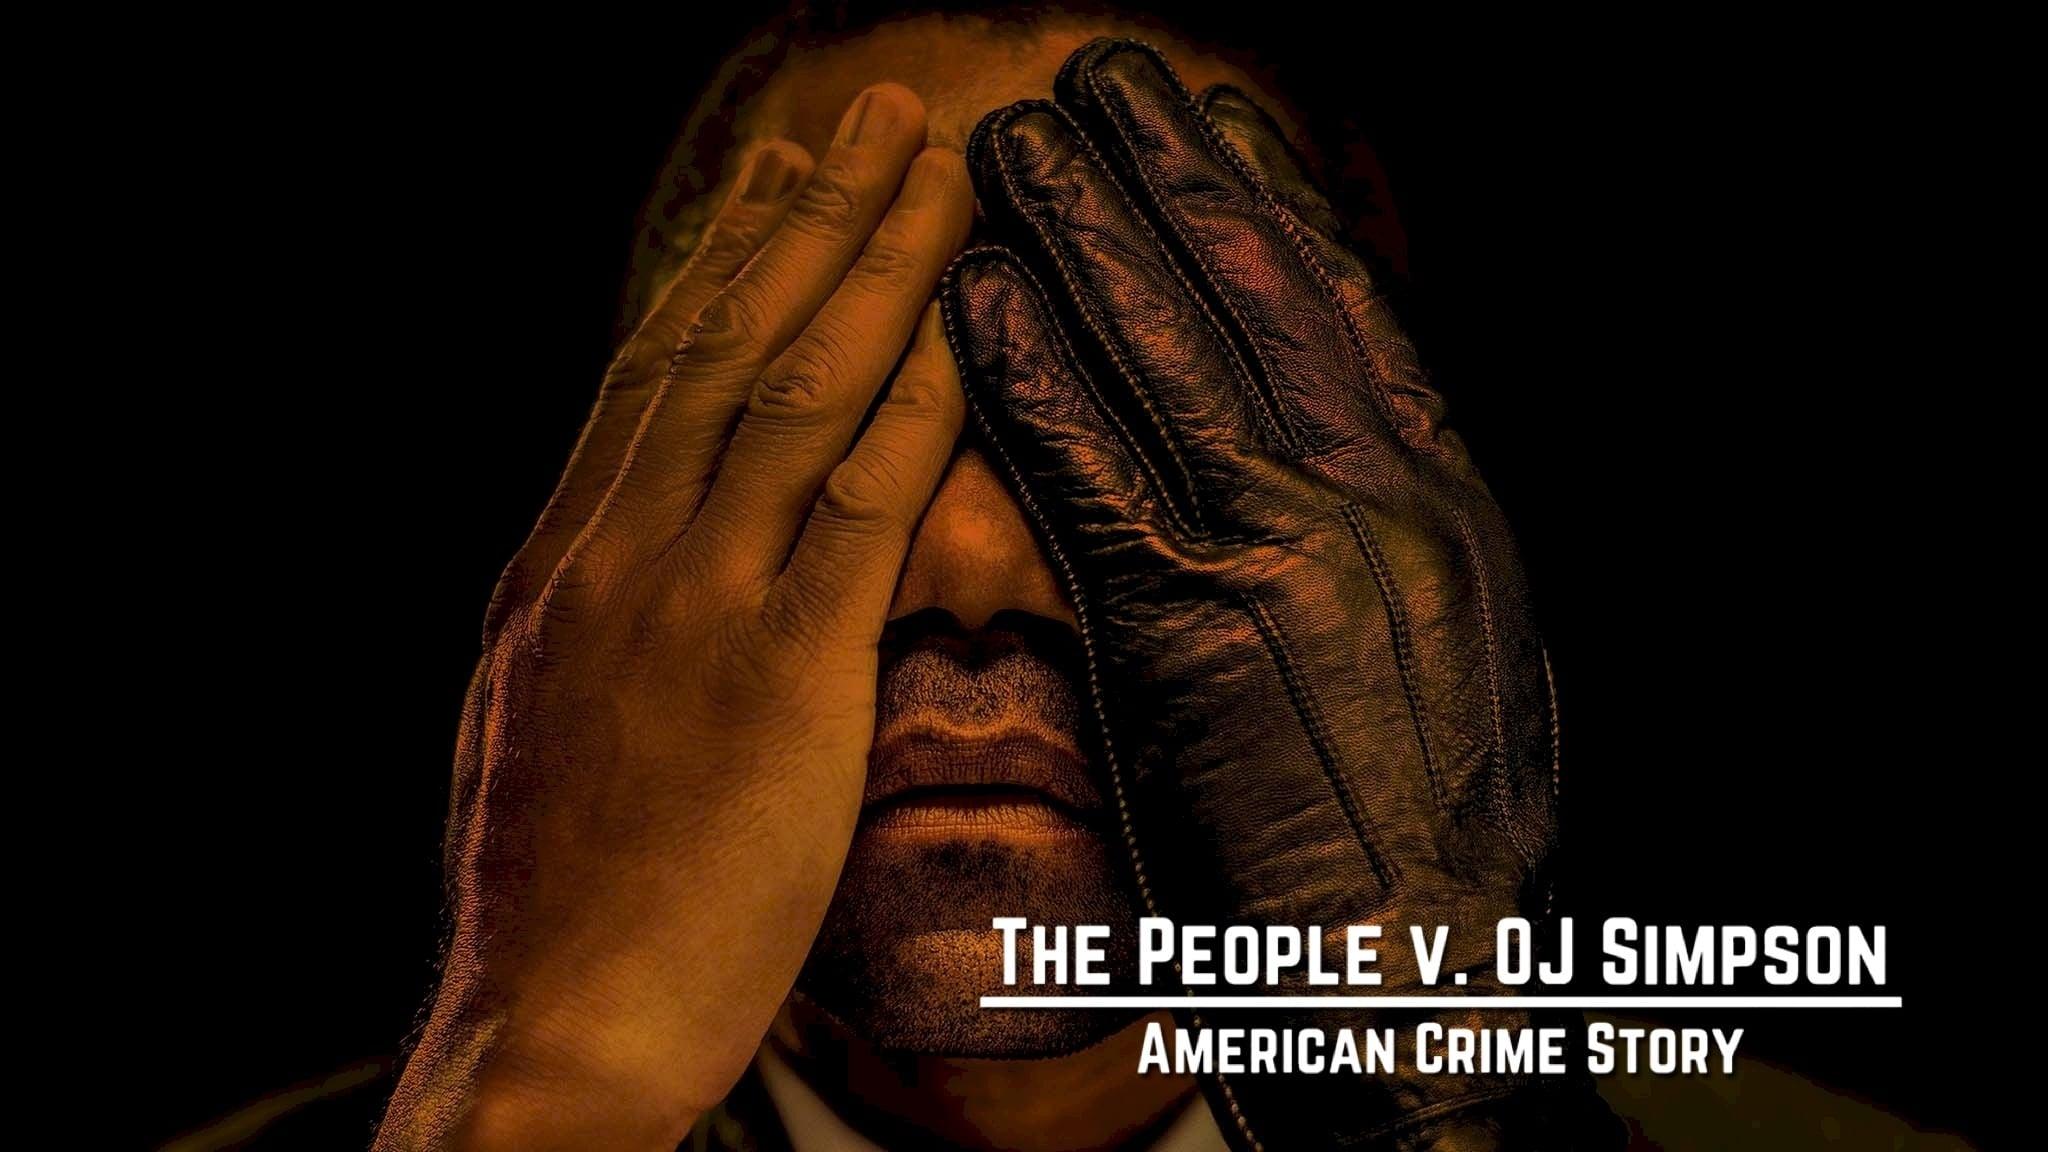 American Crime Story Season 3 Episode 2